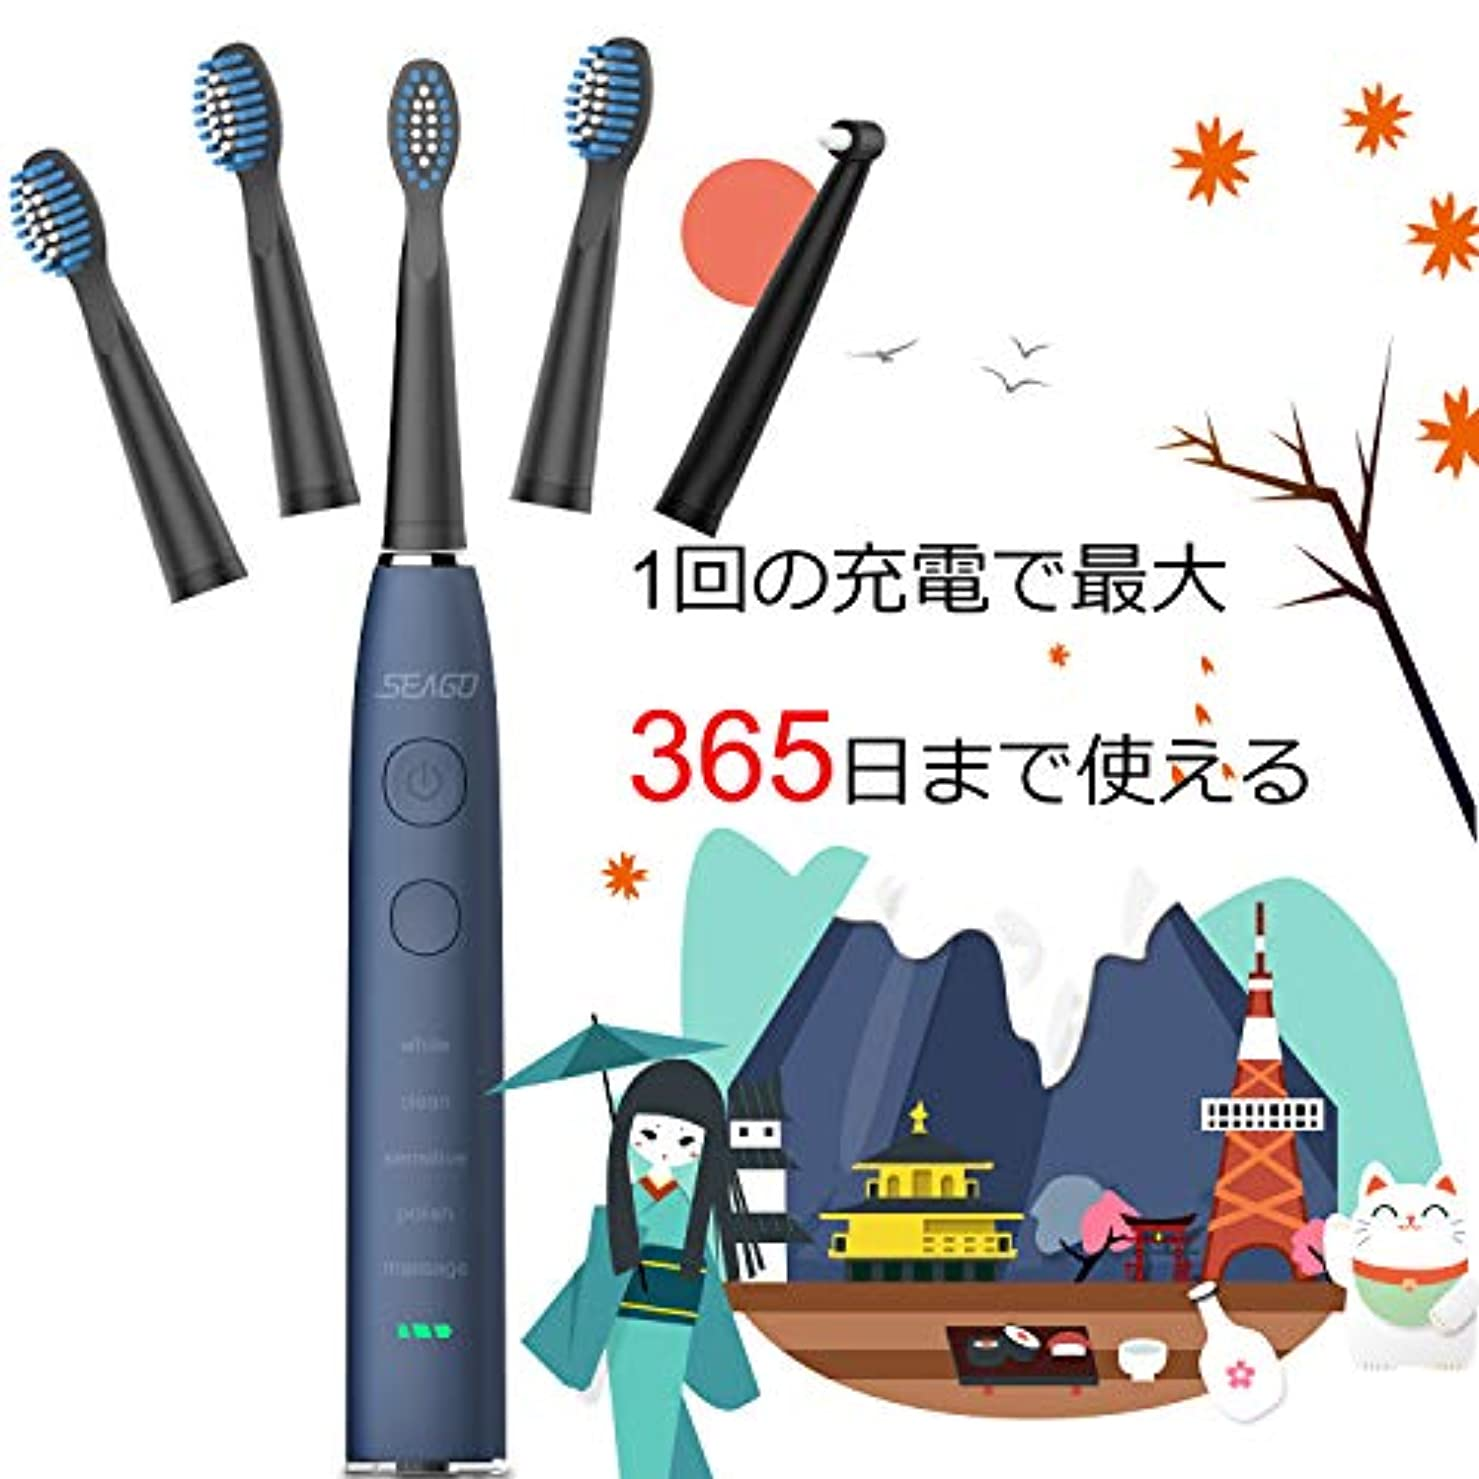 担当者幾分富電動歯ブラシ 歯ブラシ seago 音波歯ブラシ USB充電式8時間 365日に使用 IPX7防水 五つモードと2分オートタイマー機能搭載 替えブラシ5本 12ヶ月メーカー保証 SG-575(ブルー)